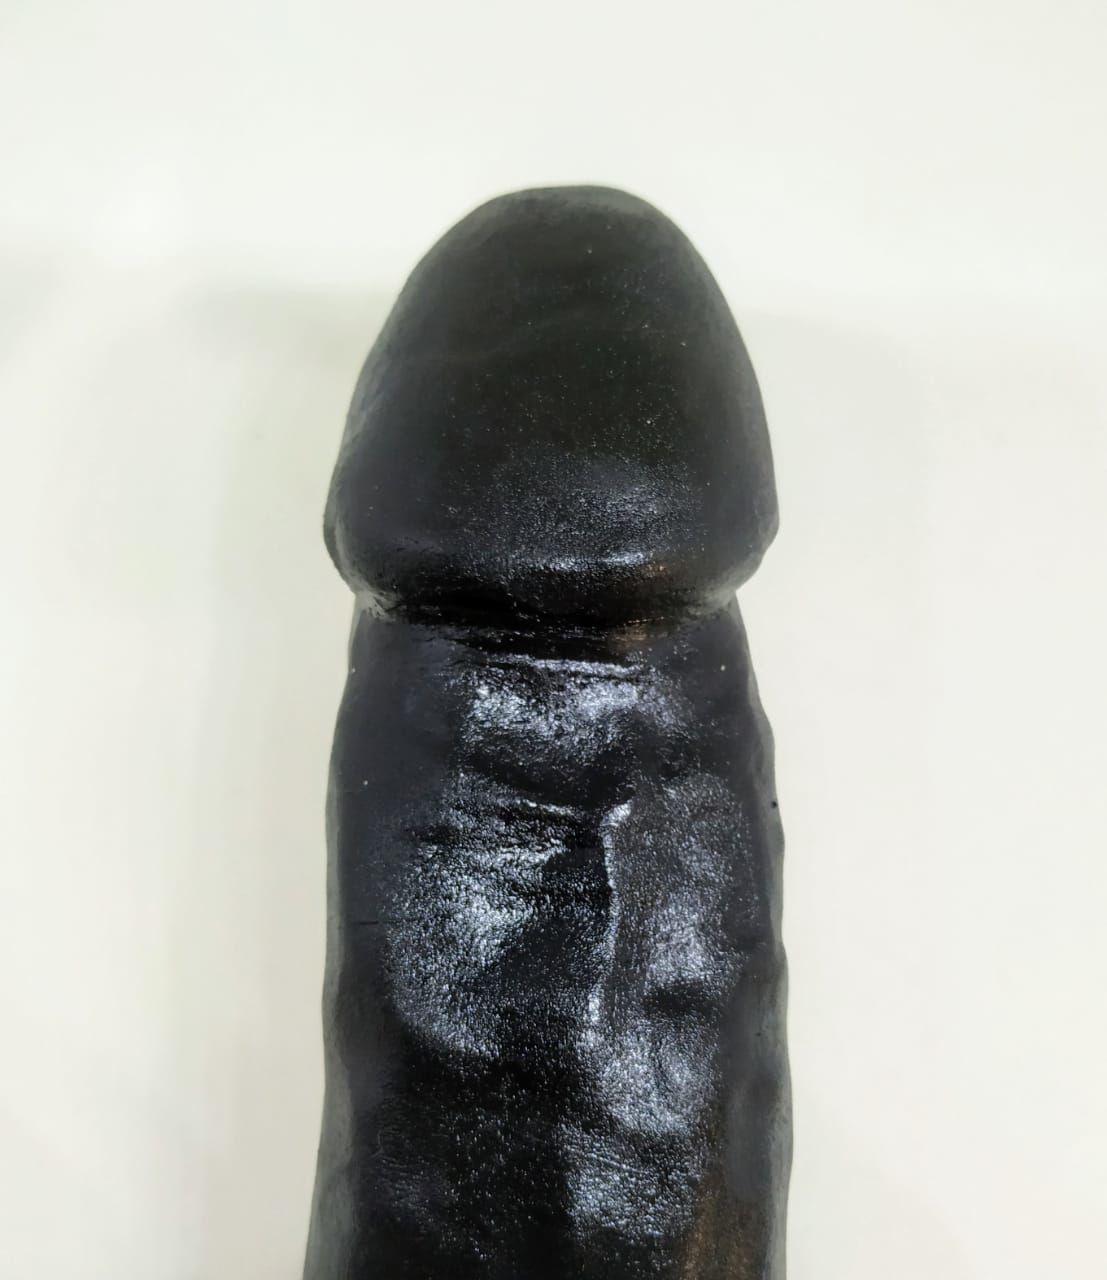 Prótese Pênis Realístico Maciça Preta 28 x 5,4 cm Garanhão Black